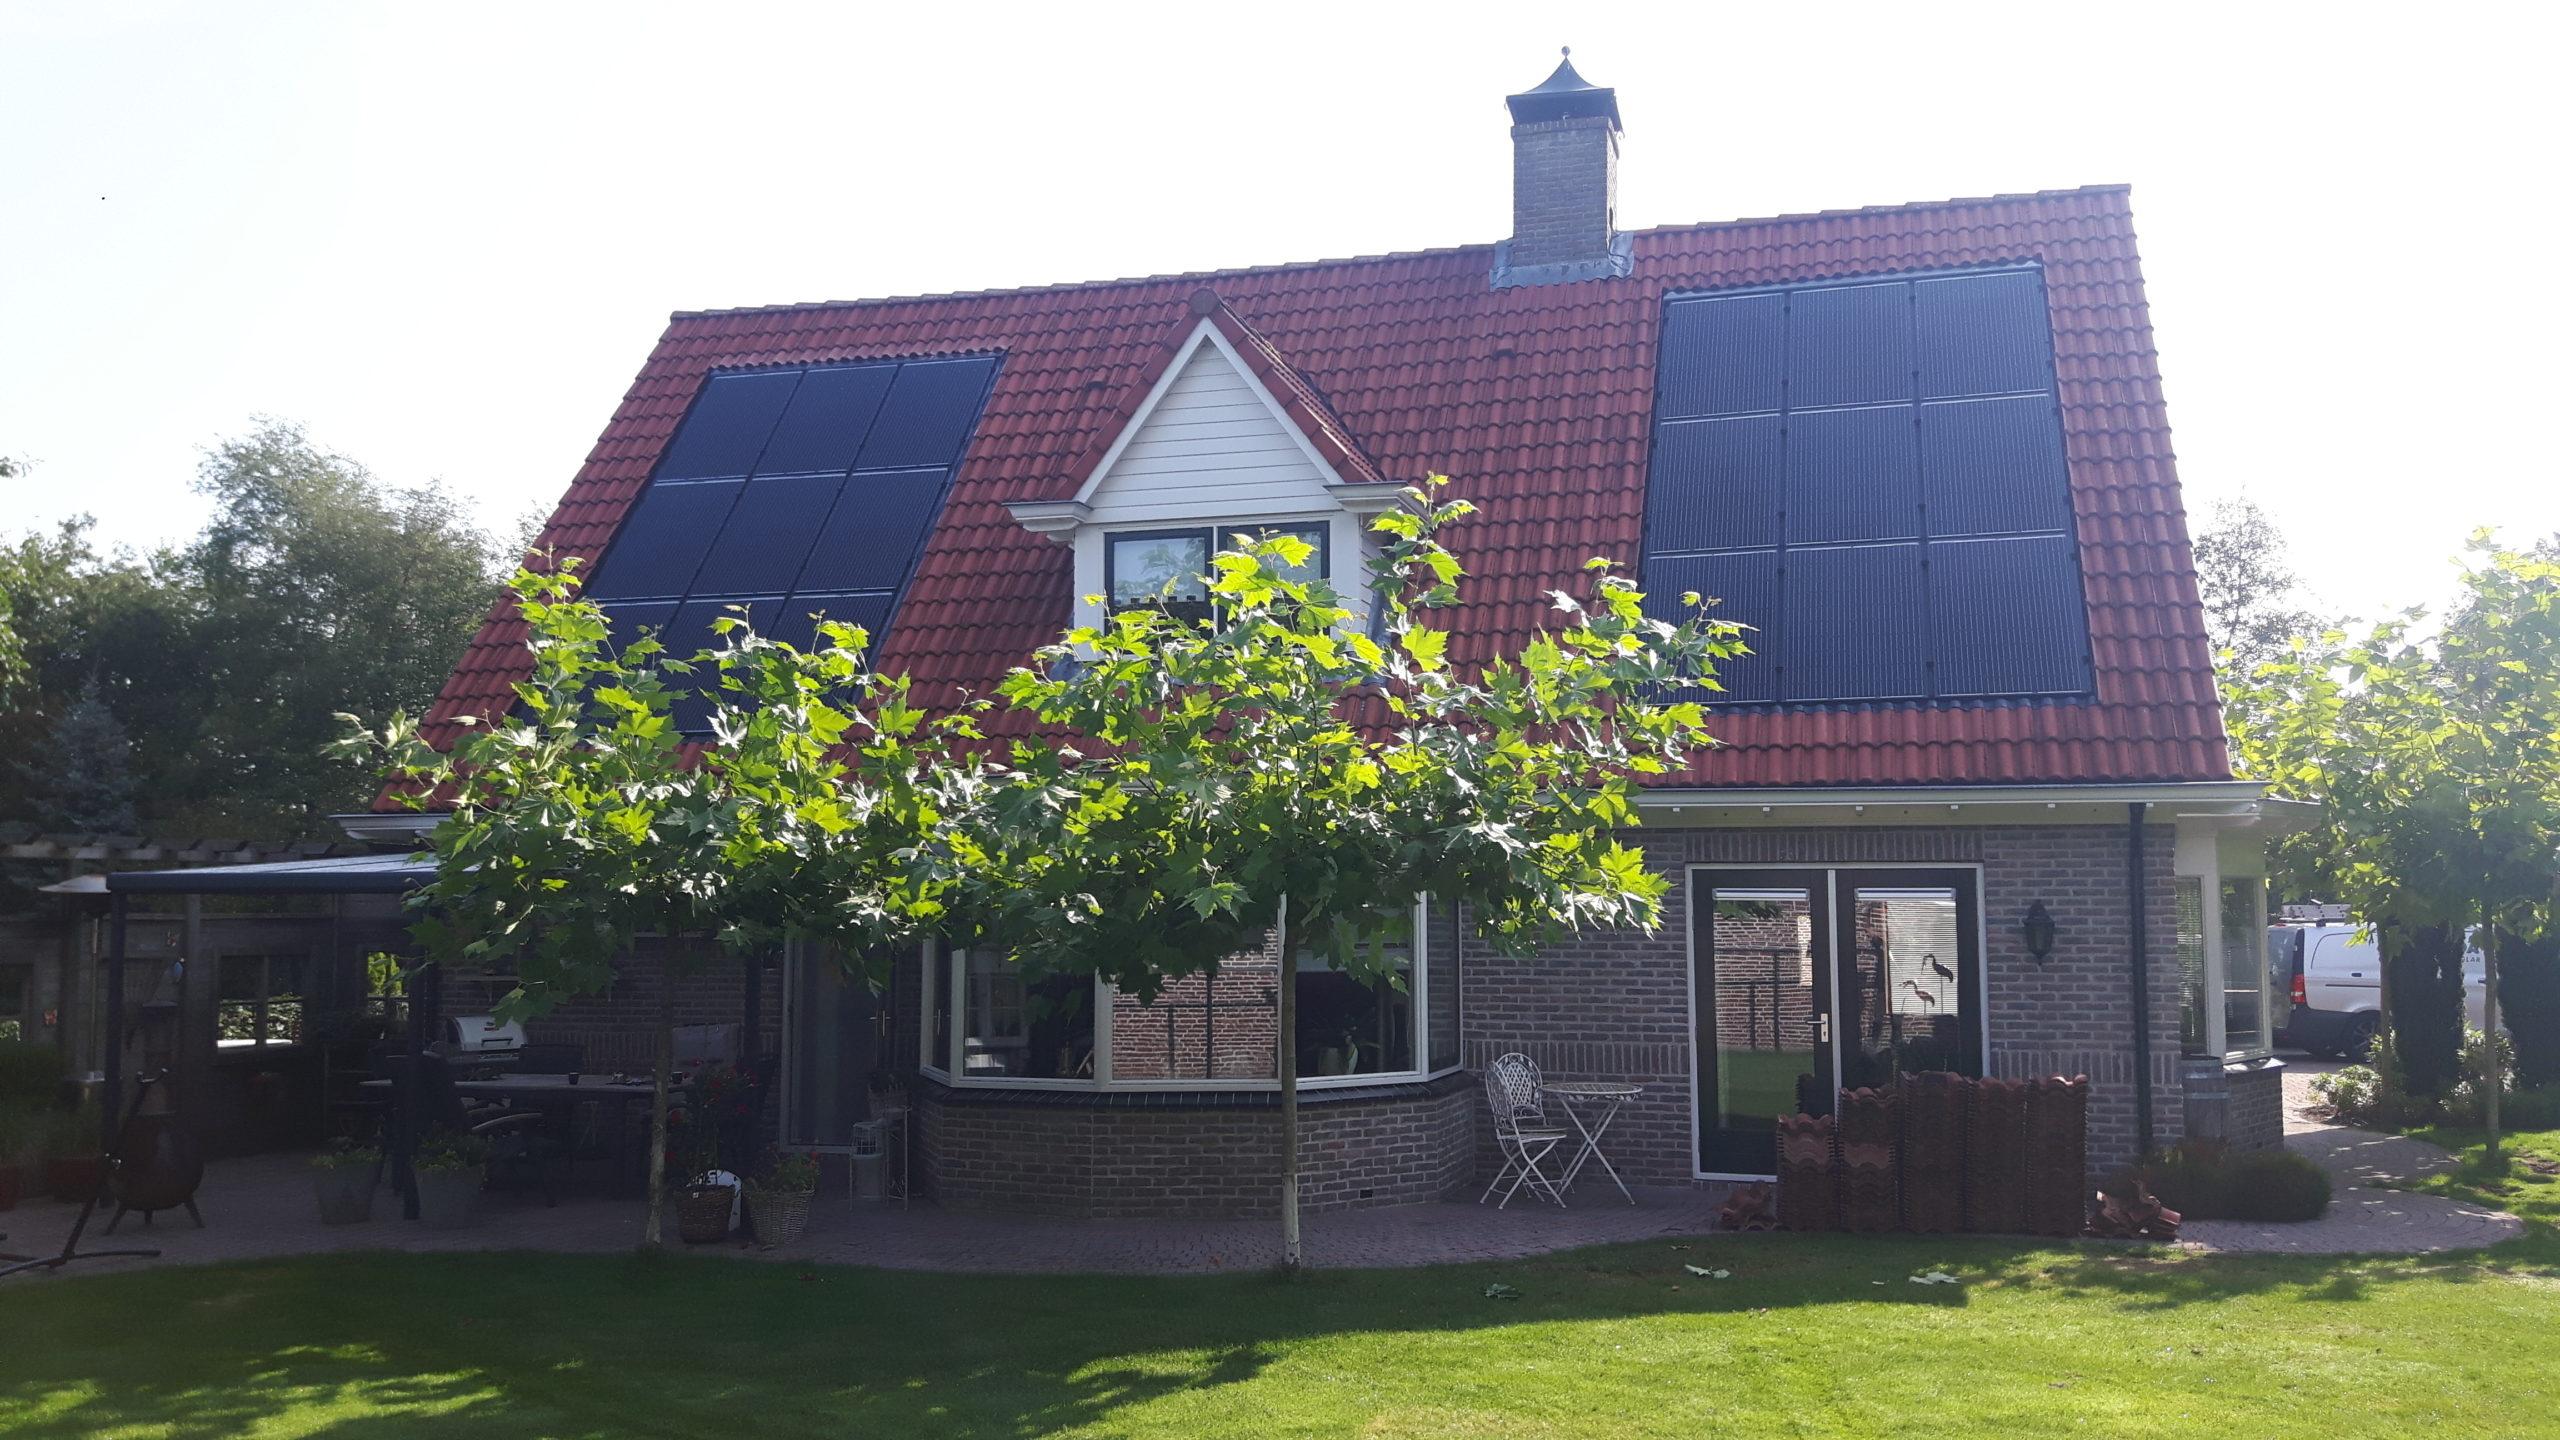 Solarwatt glas glas zonnepanelen indak Noordscheschut